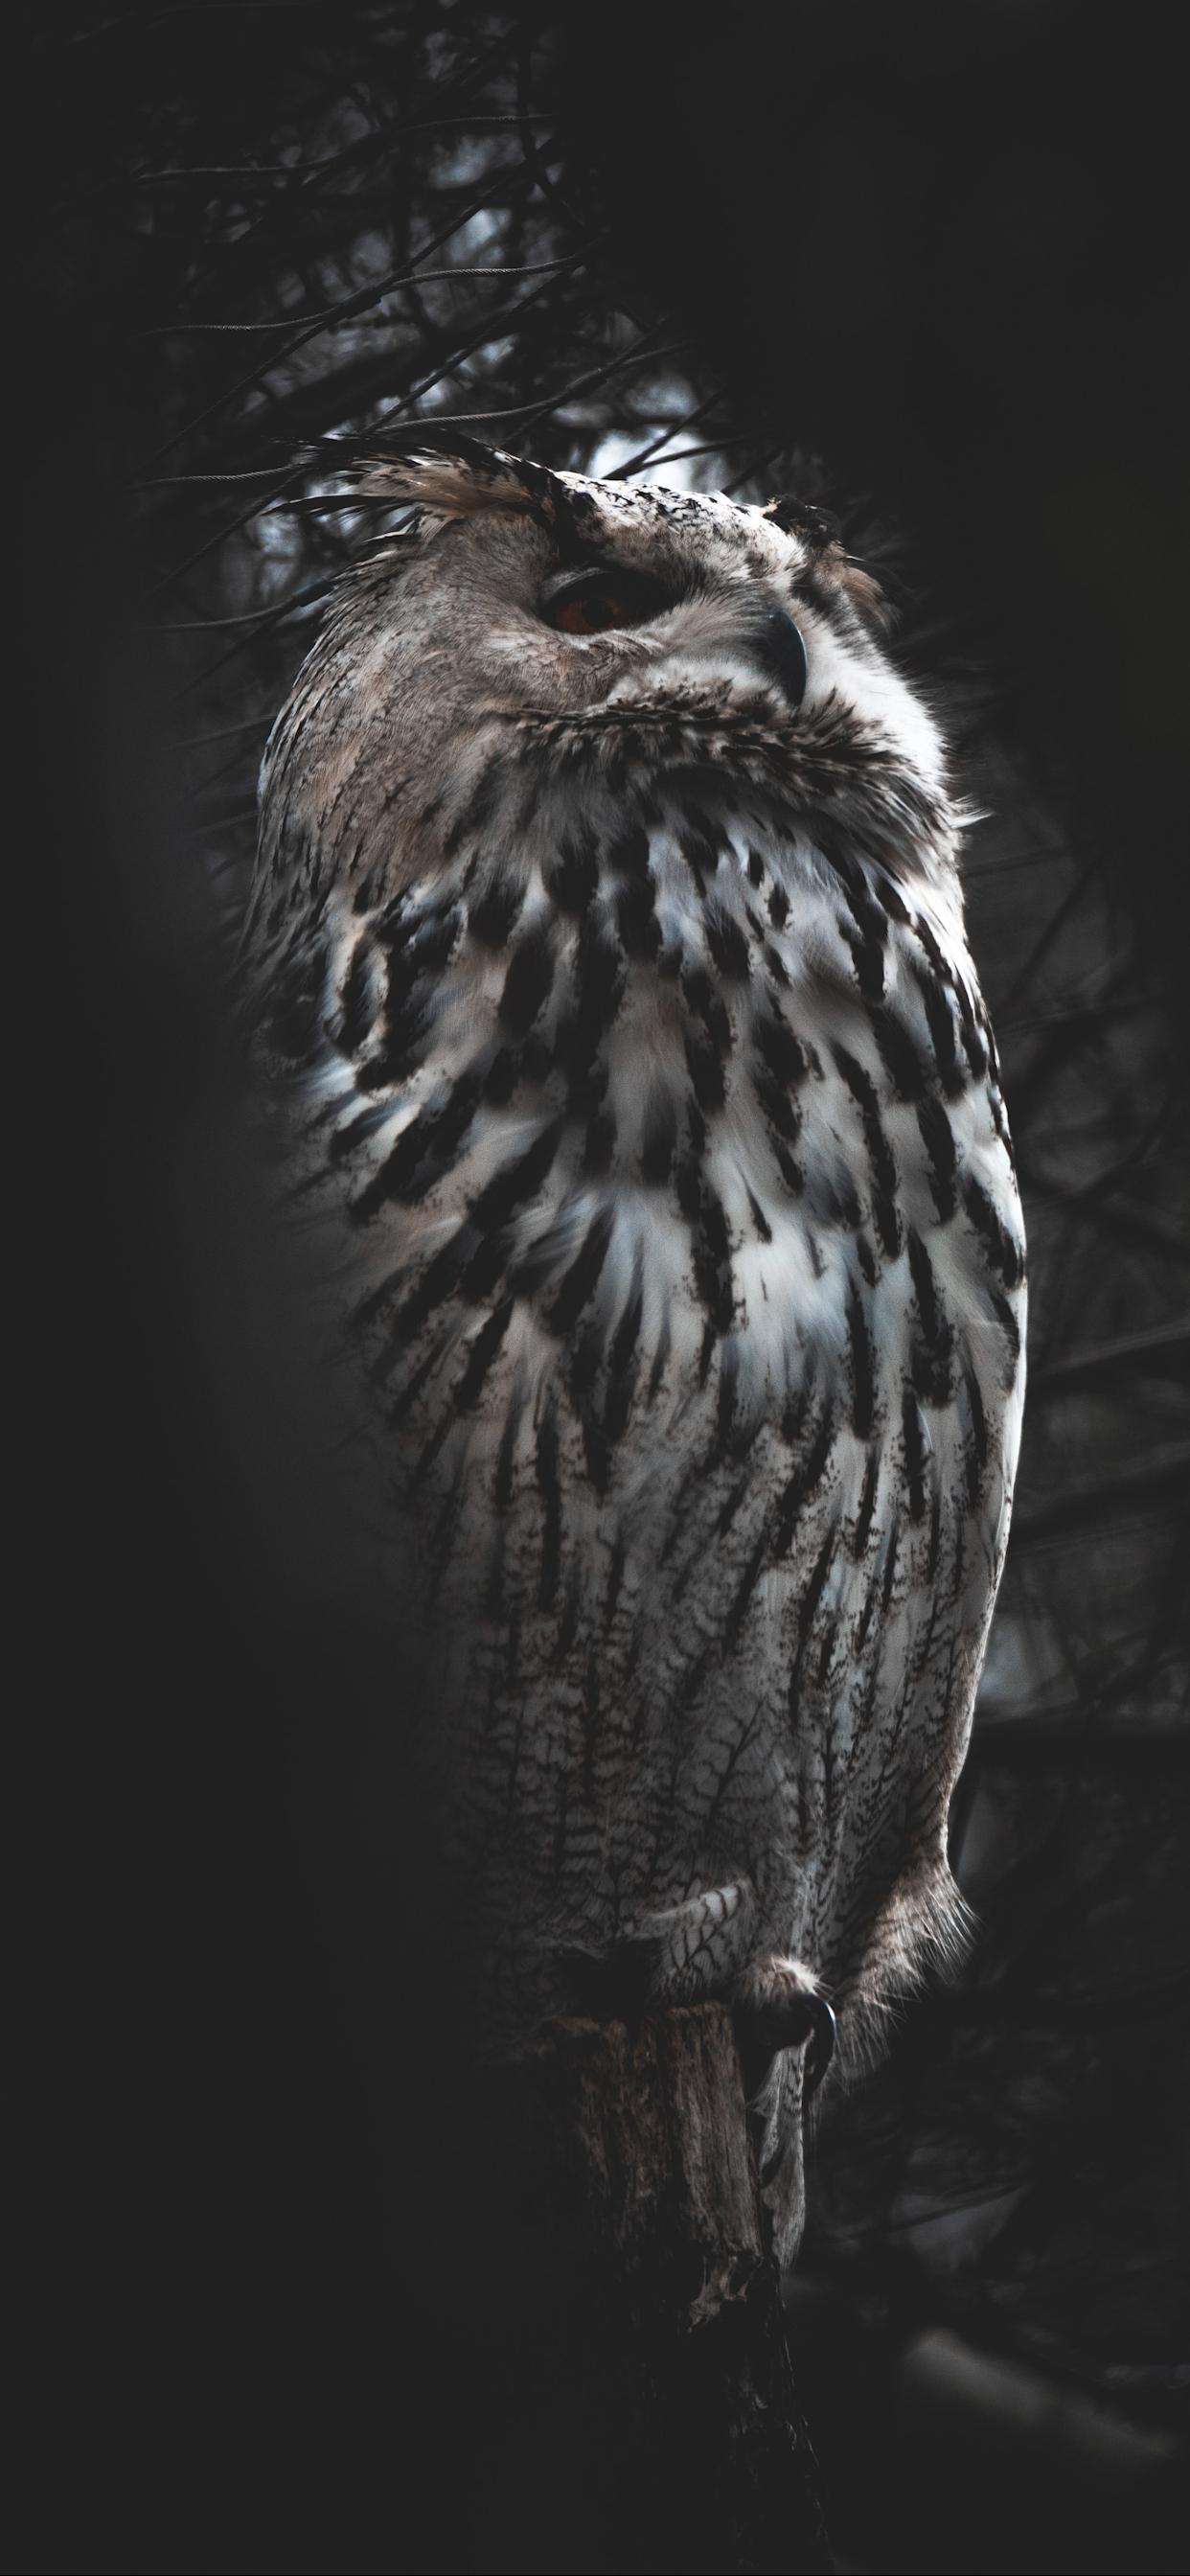 iPhone wallpapers owl hellabrunn zoo Fonds d'écran iPhone du 22/08/2019